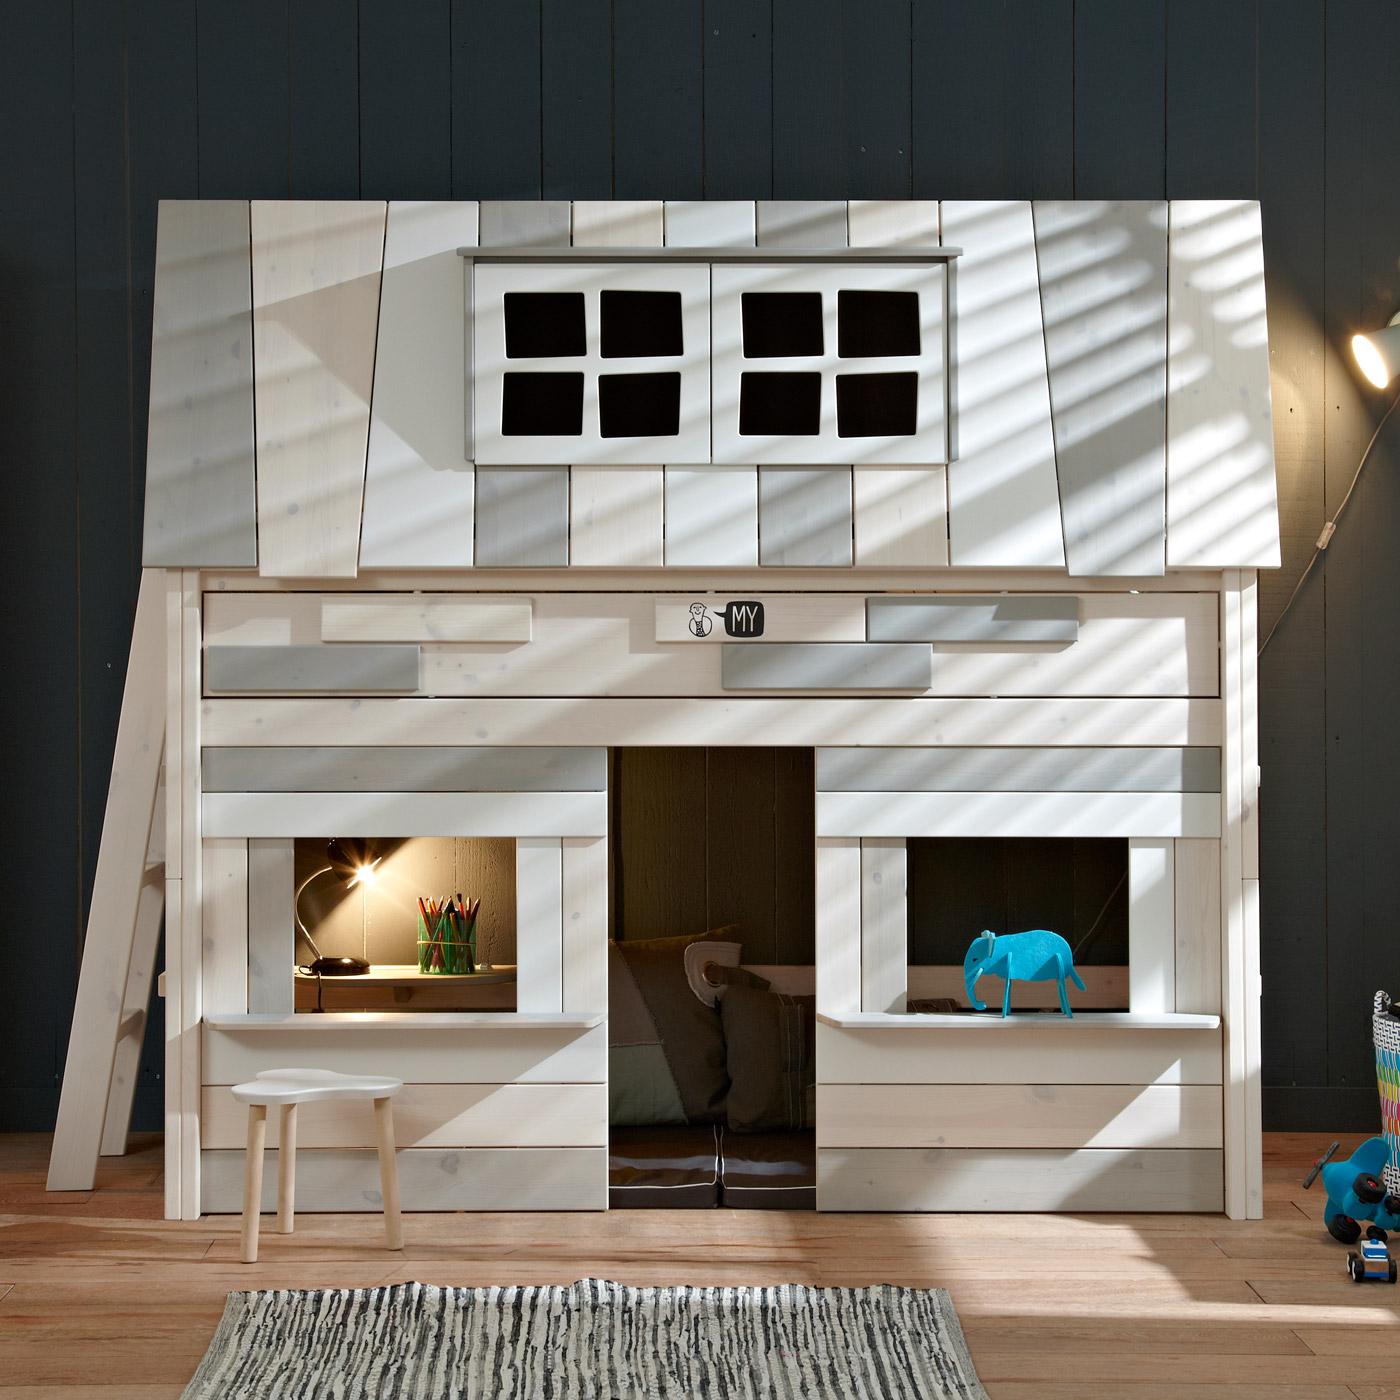 Full Size of Kinderzimmer Hochbett Mit Haus Und Lattenrost Lifetime Hangout Regal Weiß Sofa Regale Kinderzimmer Kinderzimmer Hochbett